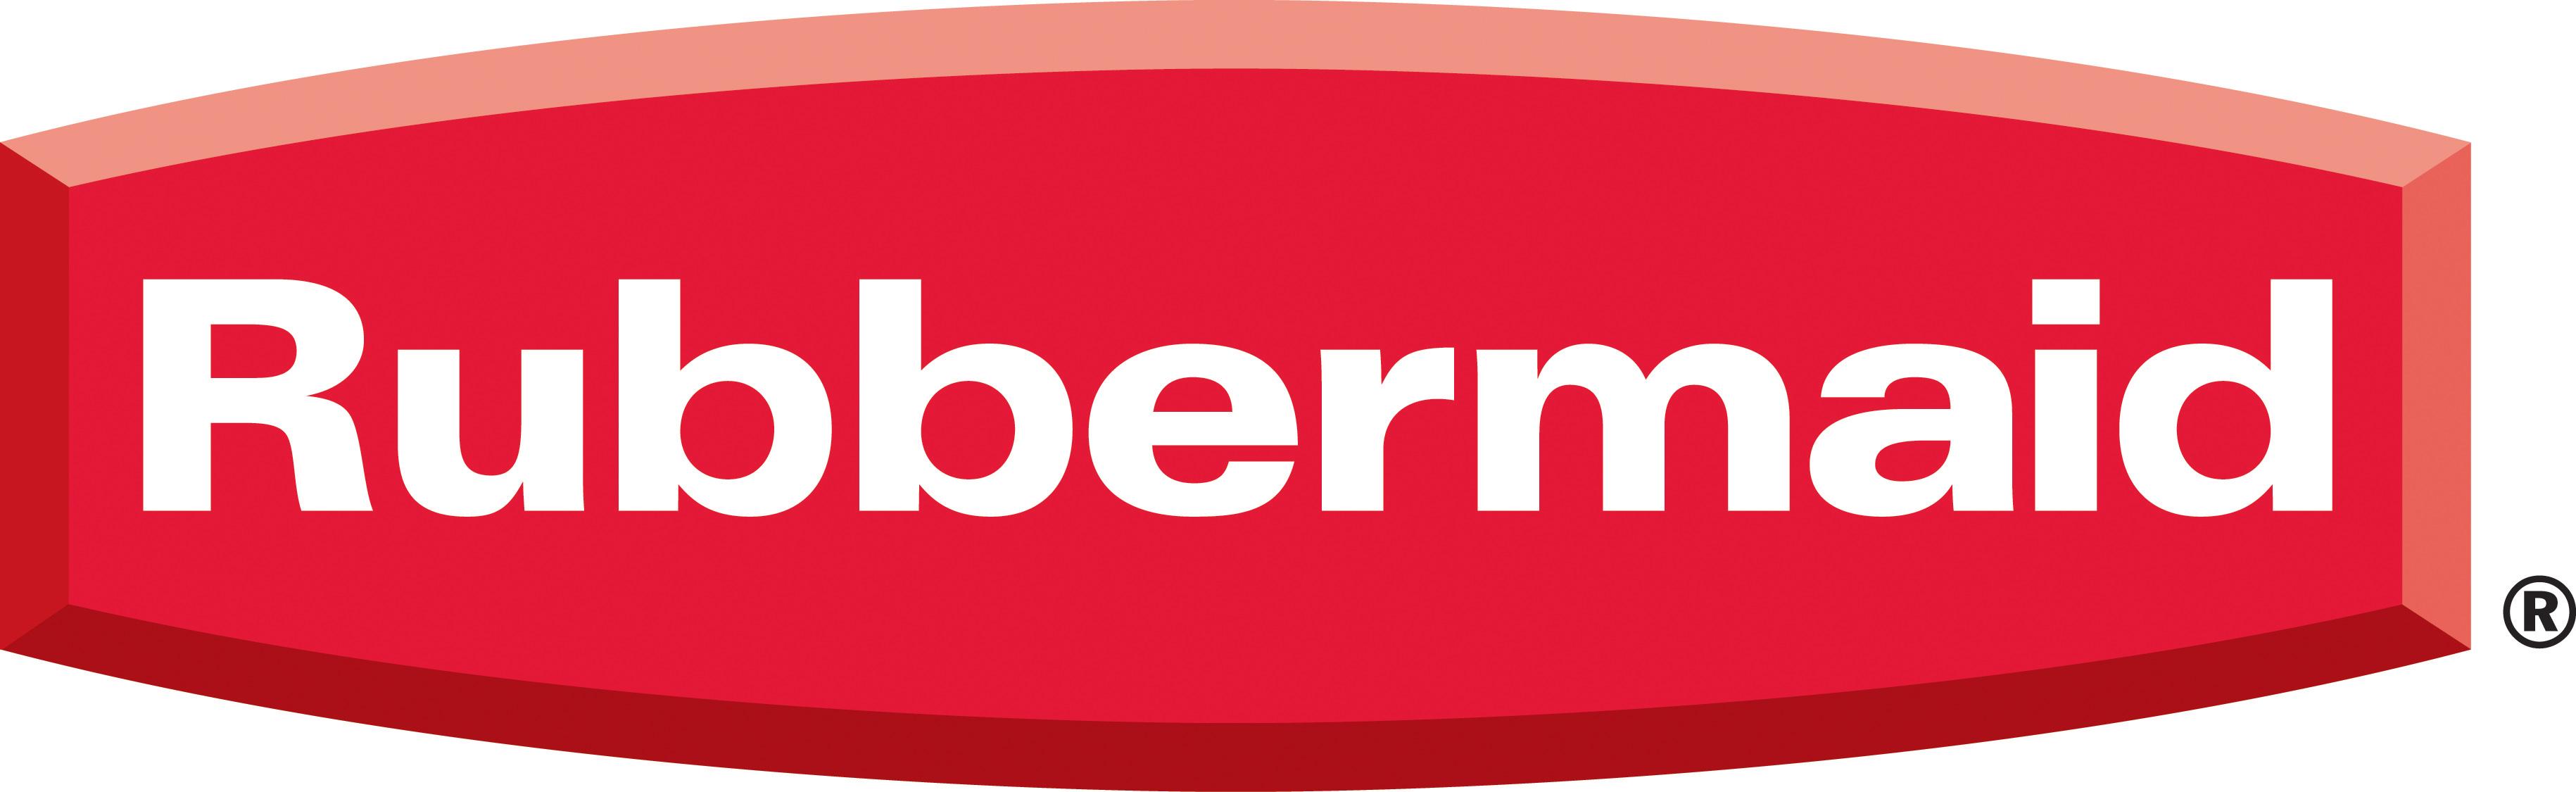 Rubbermaid Logo